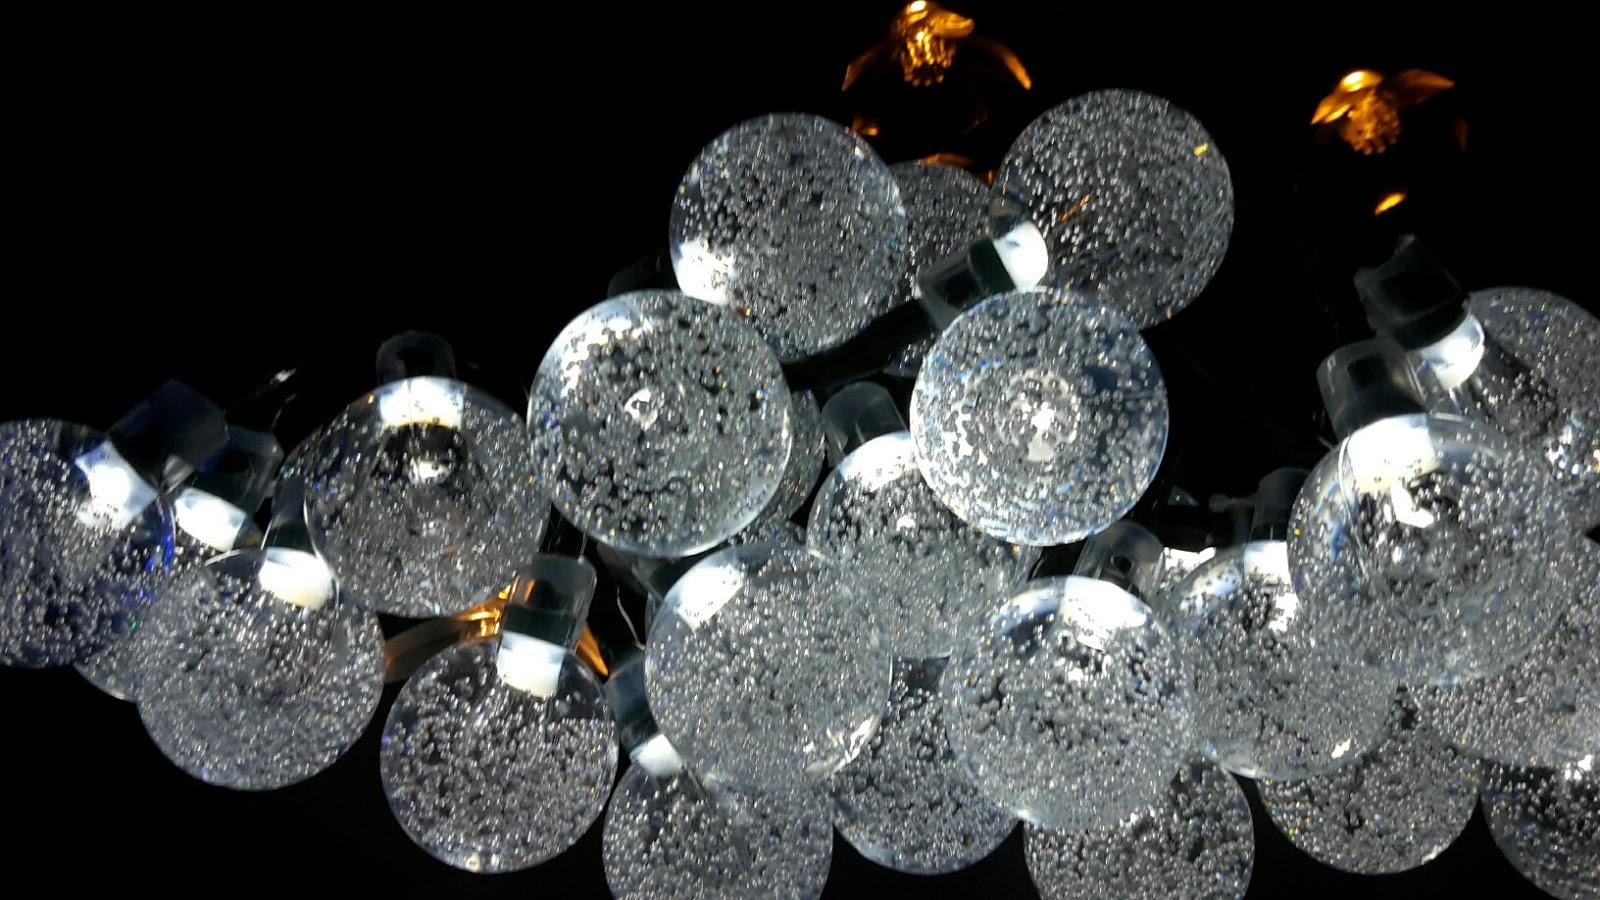 lahr2006 testet: Light-up 30er LED Solar Lichterkette Außen Kristall ...